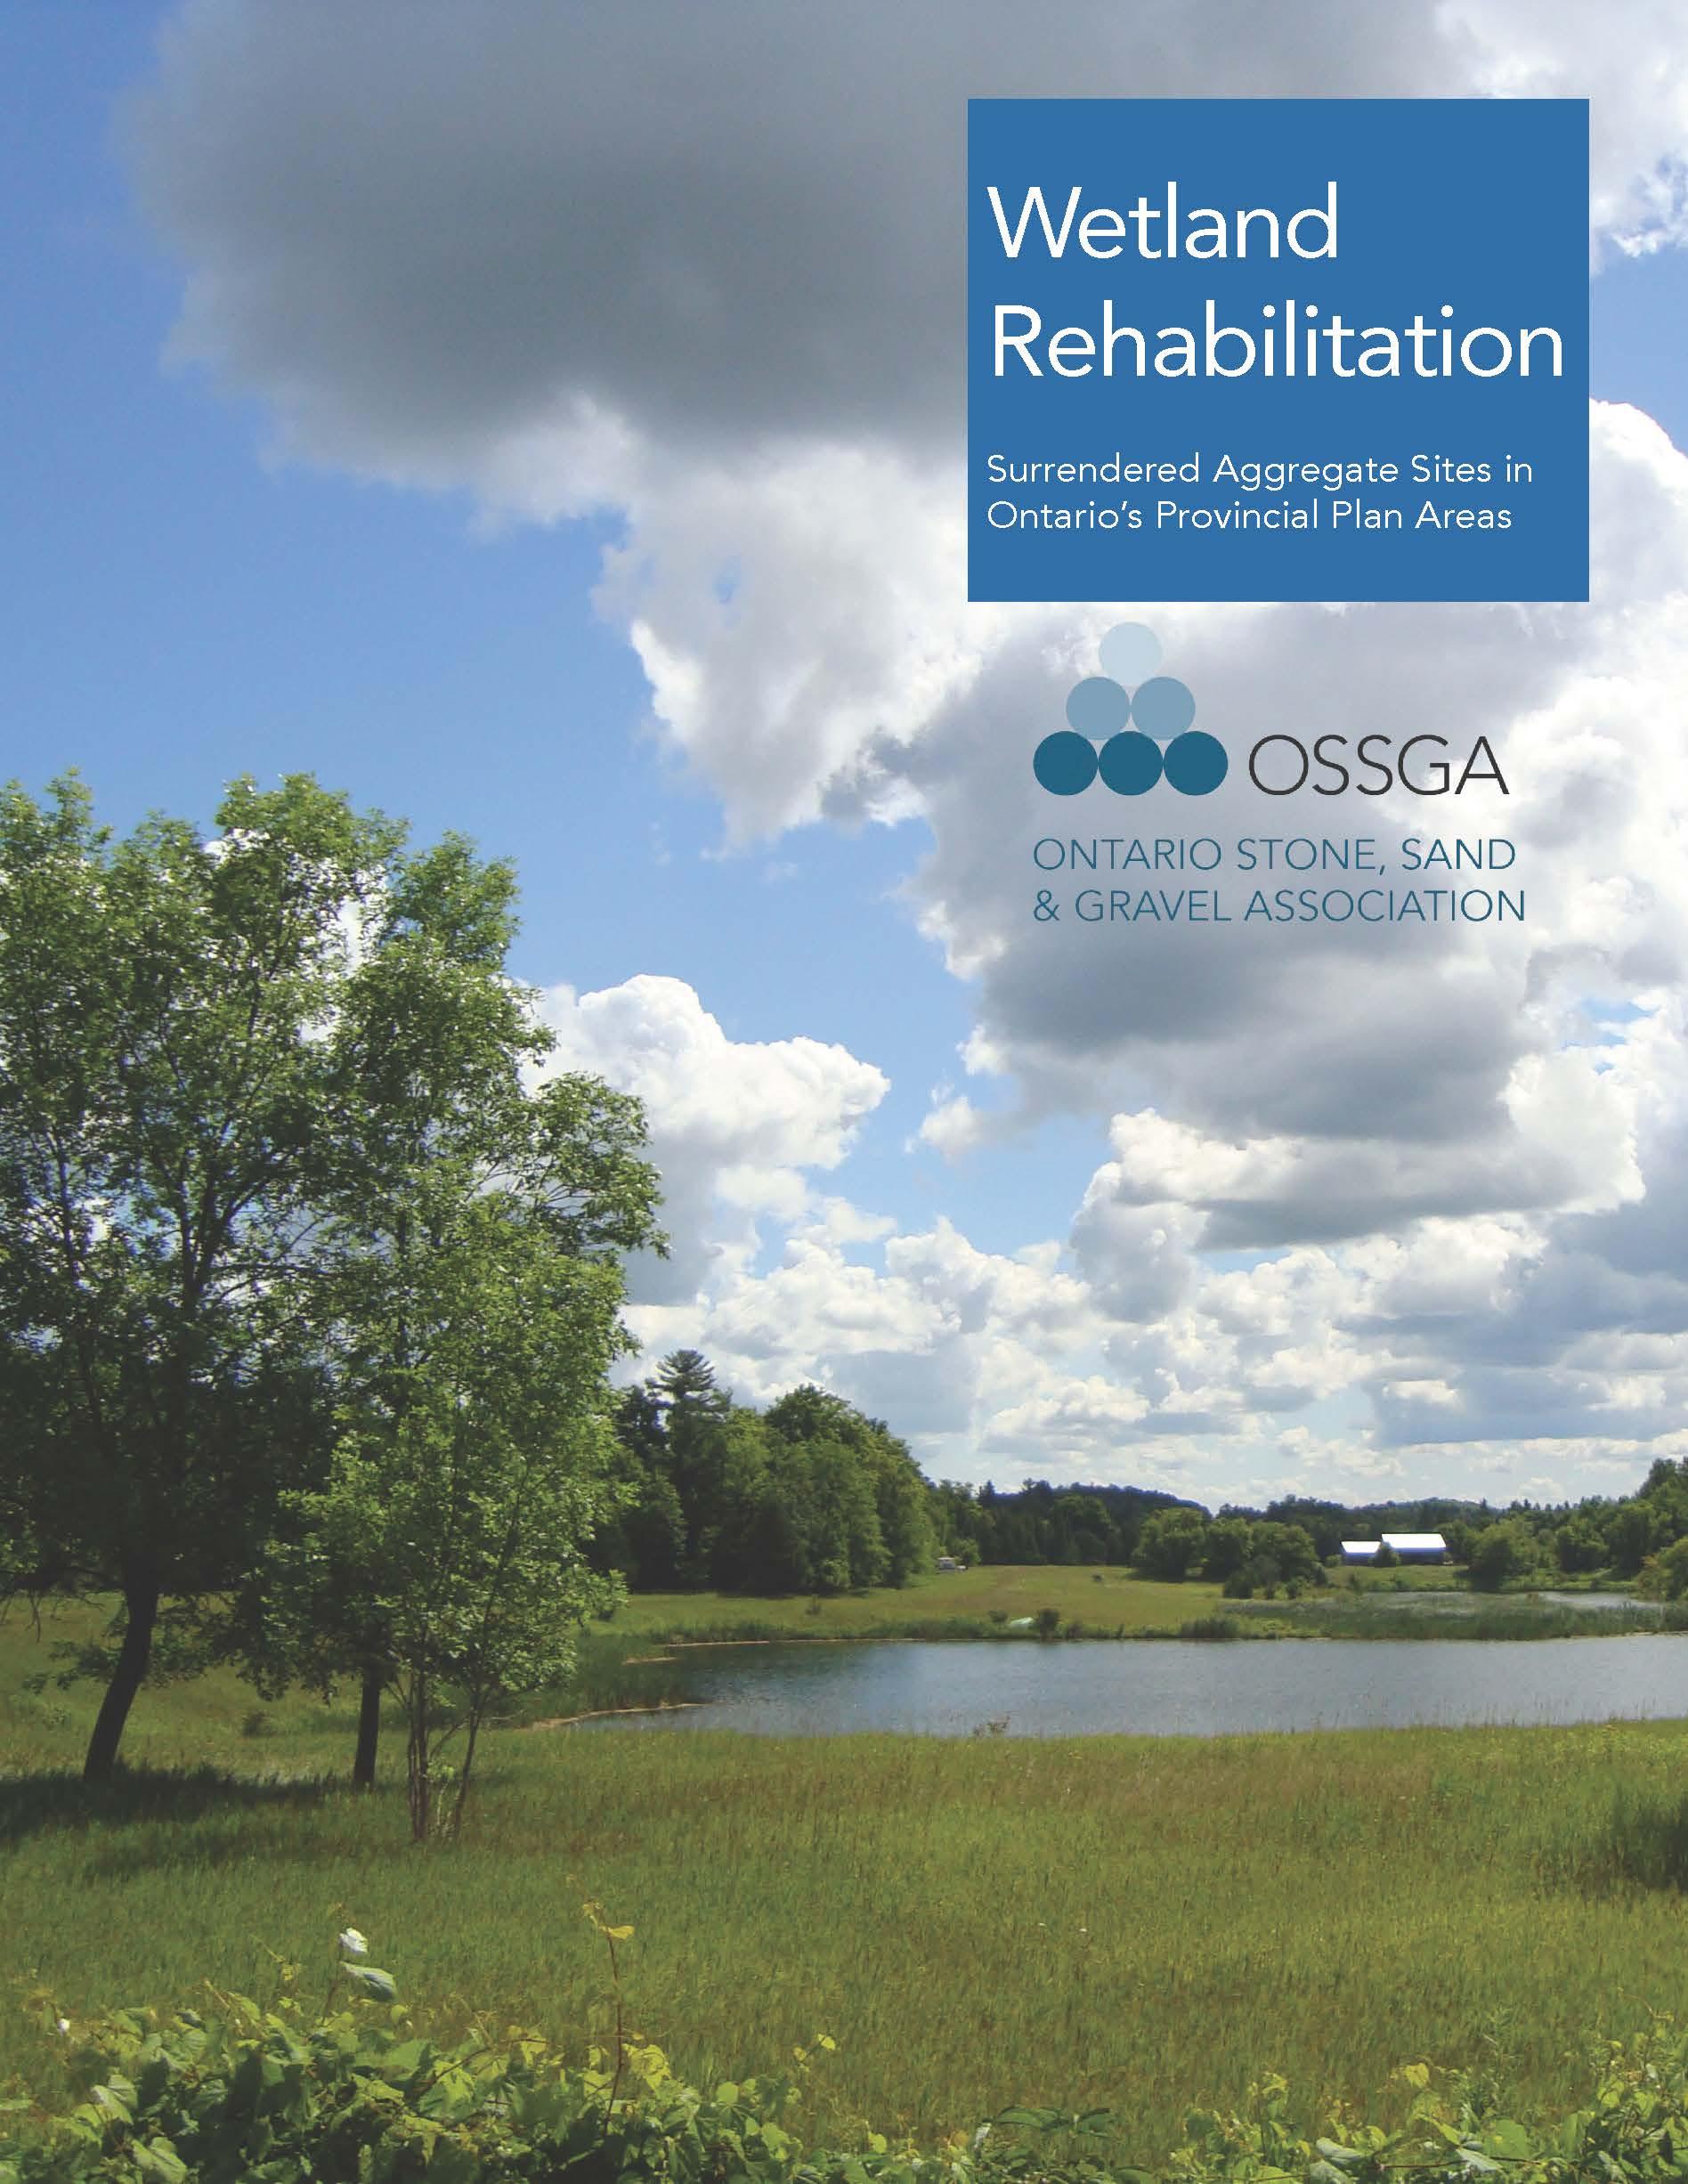 Read Study Phase I - OSSGA Rehabilitation Study Phase I 2017